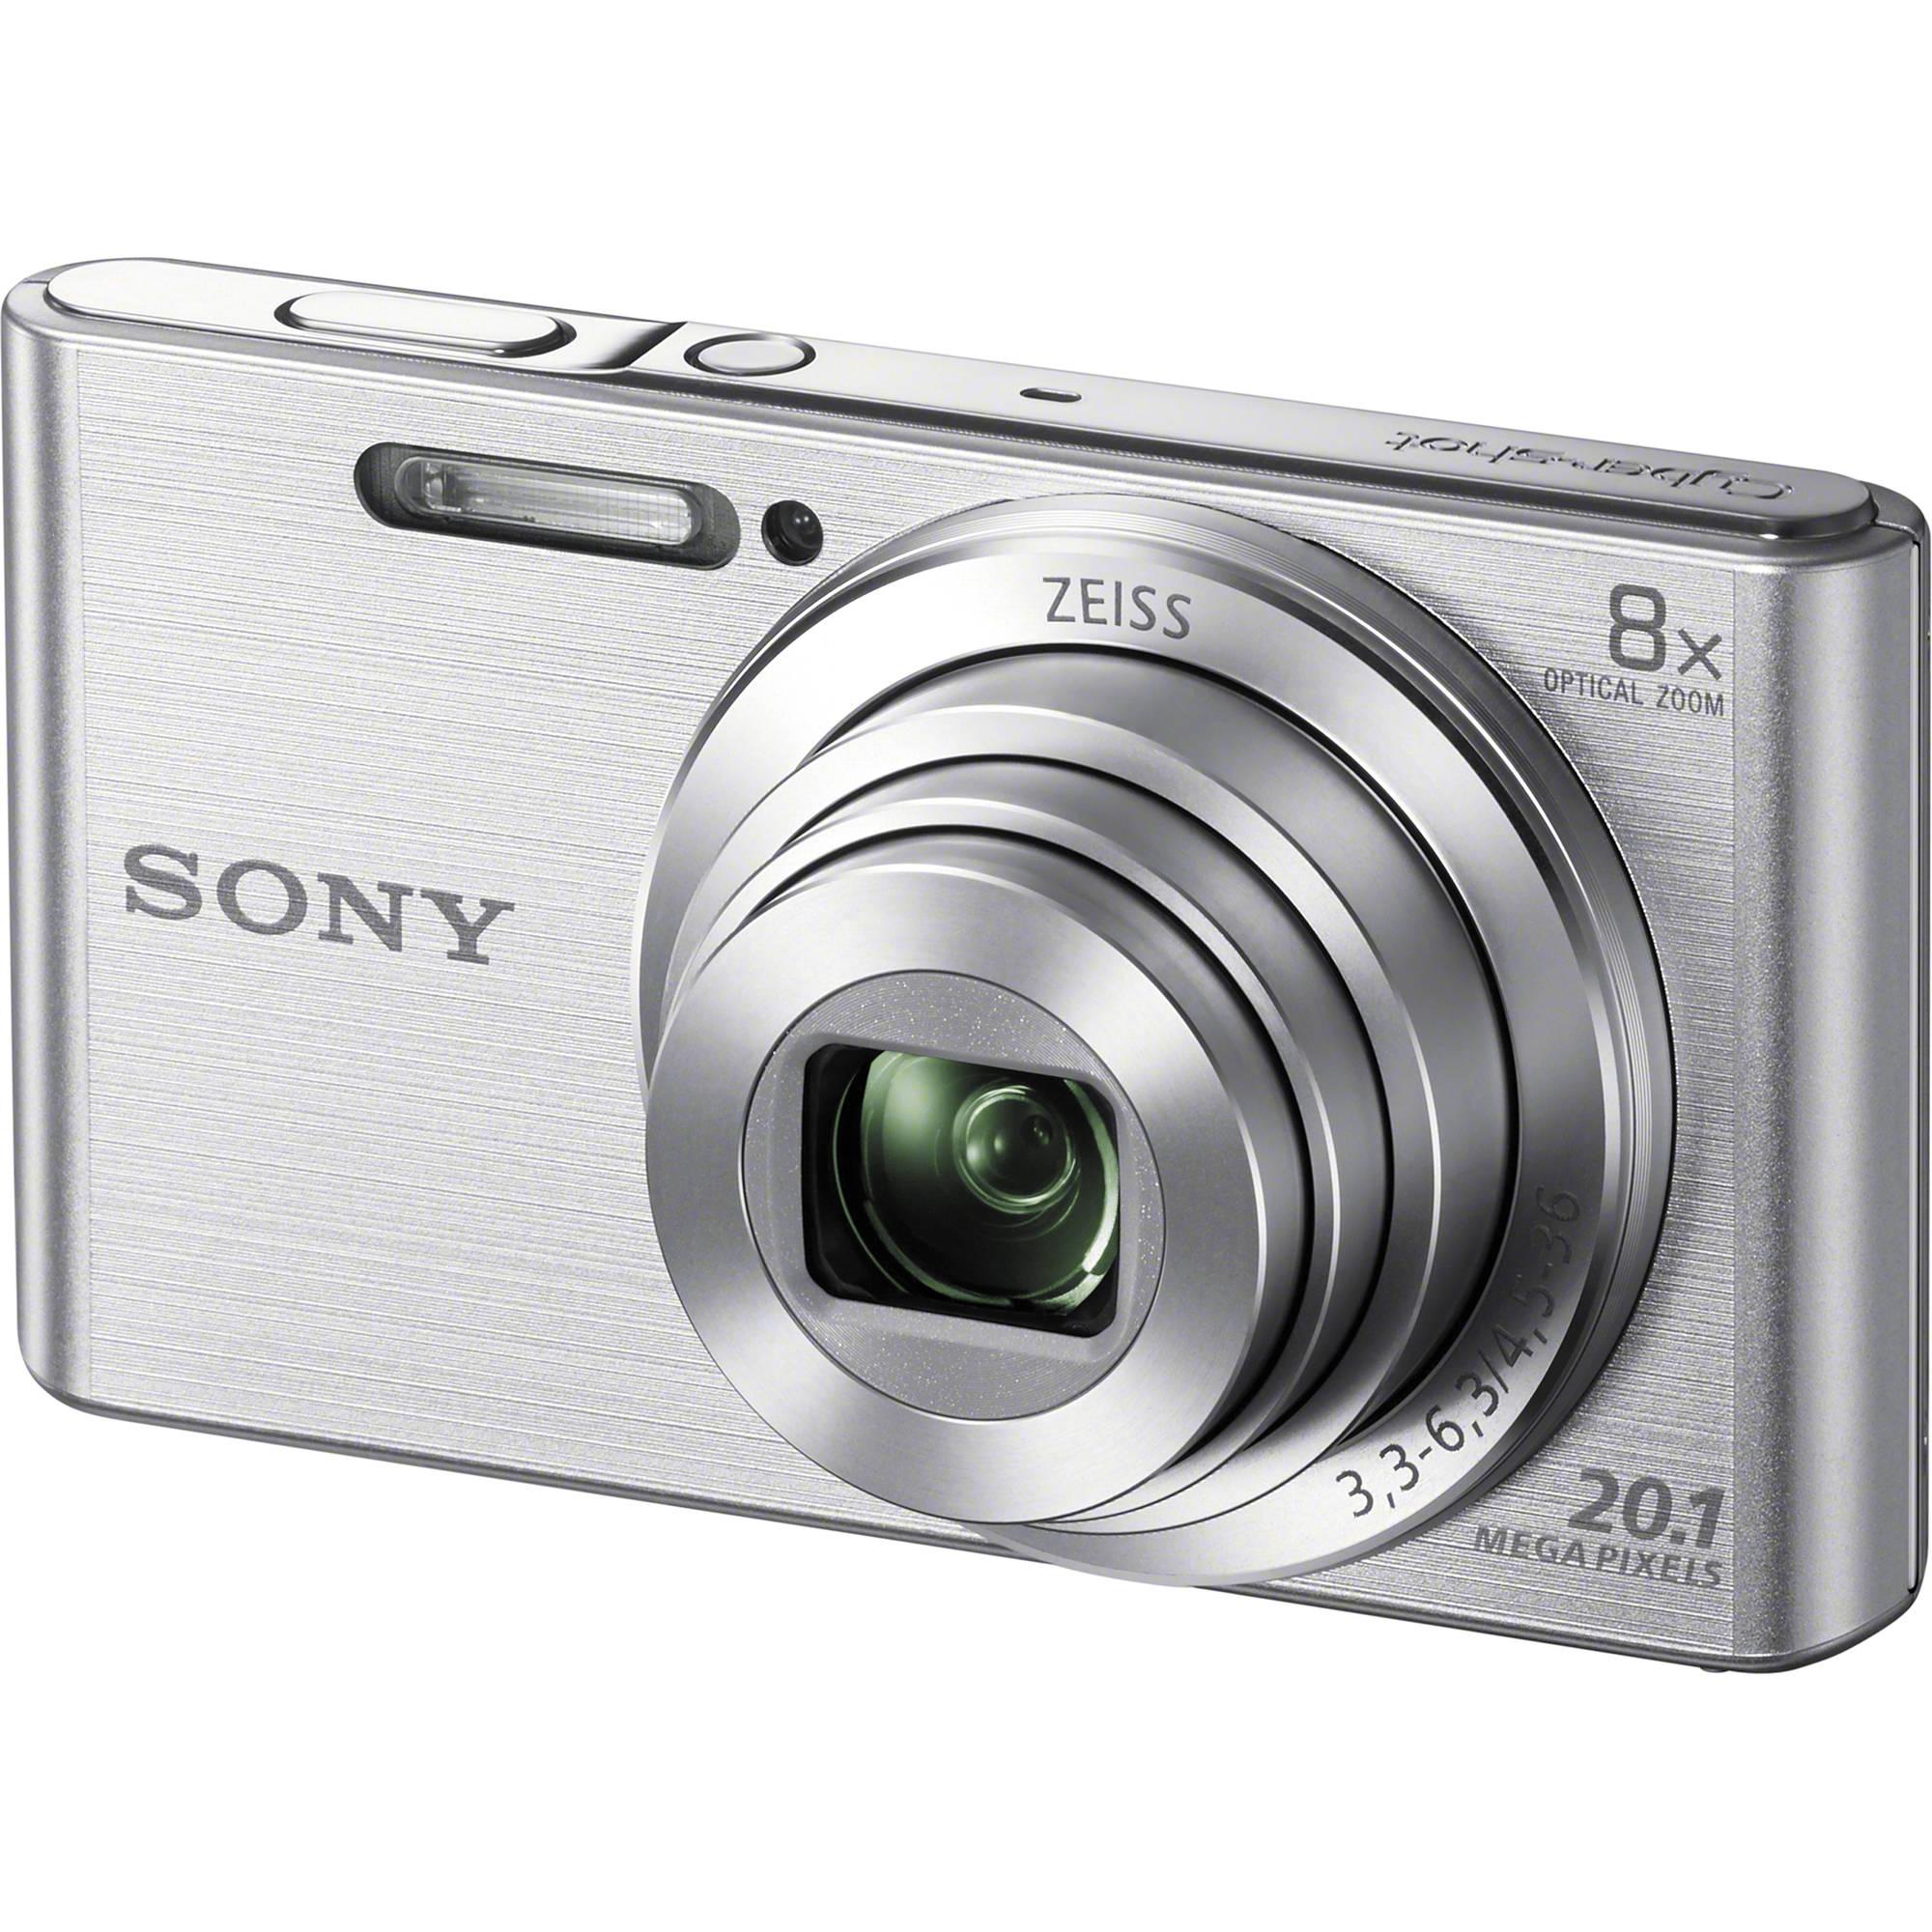 Sony Photo Camera Sony Dsc-w830 Digital Camera